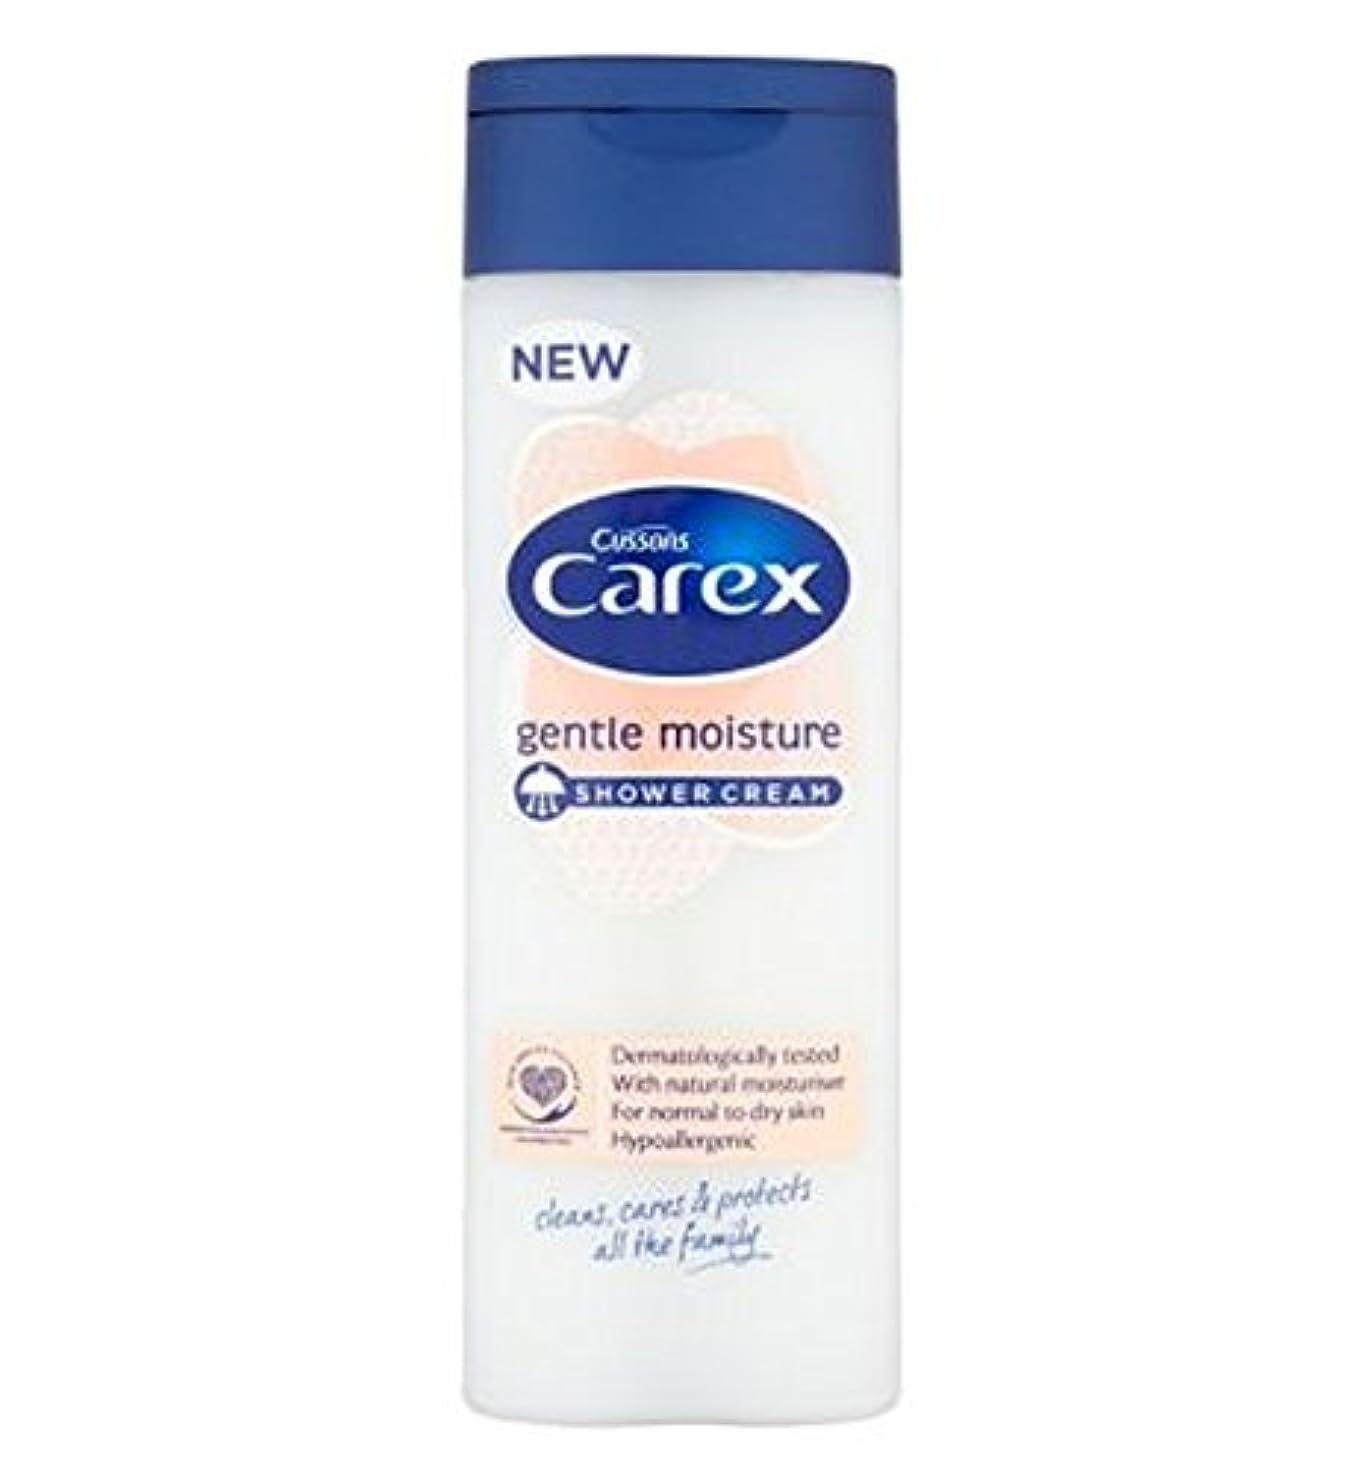 精度シャツキノコCarex Gentle Moisture Shower Cream 250ml - スゲ属穏やかな水分シャワークリーム250ミリリットル (Carex) [並行輸入品]